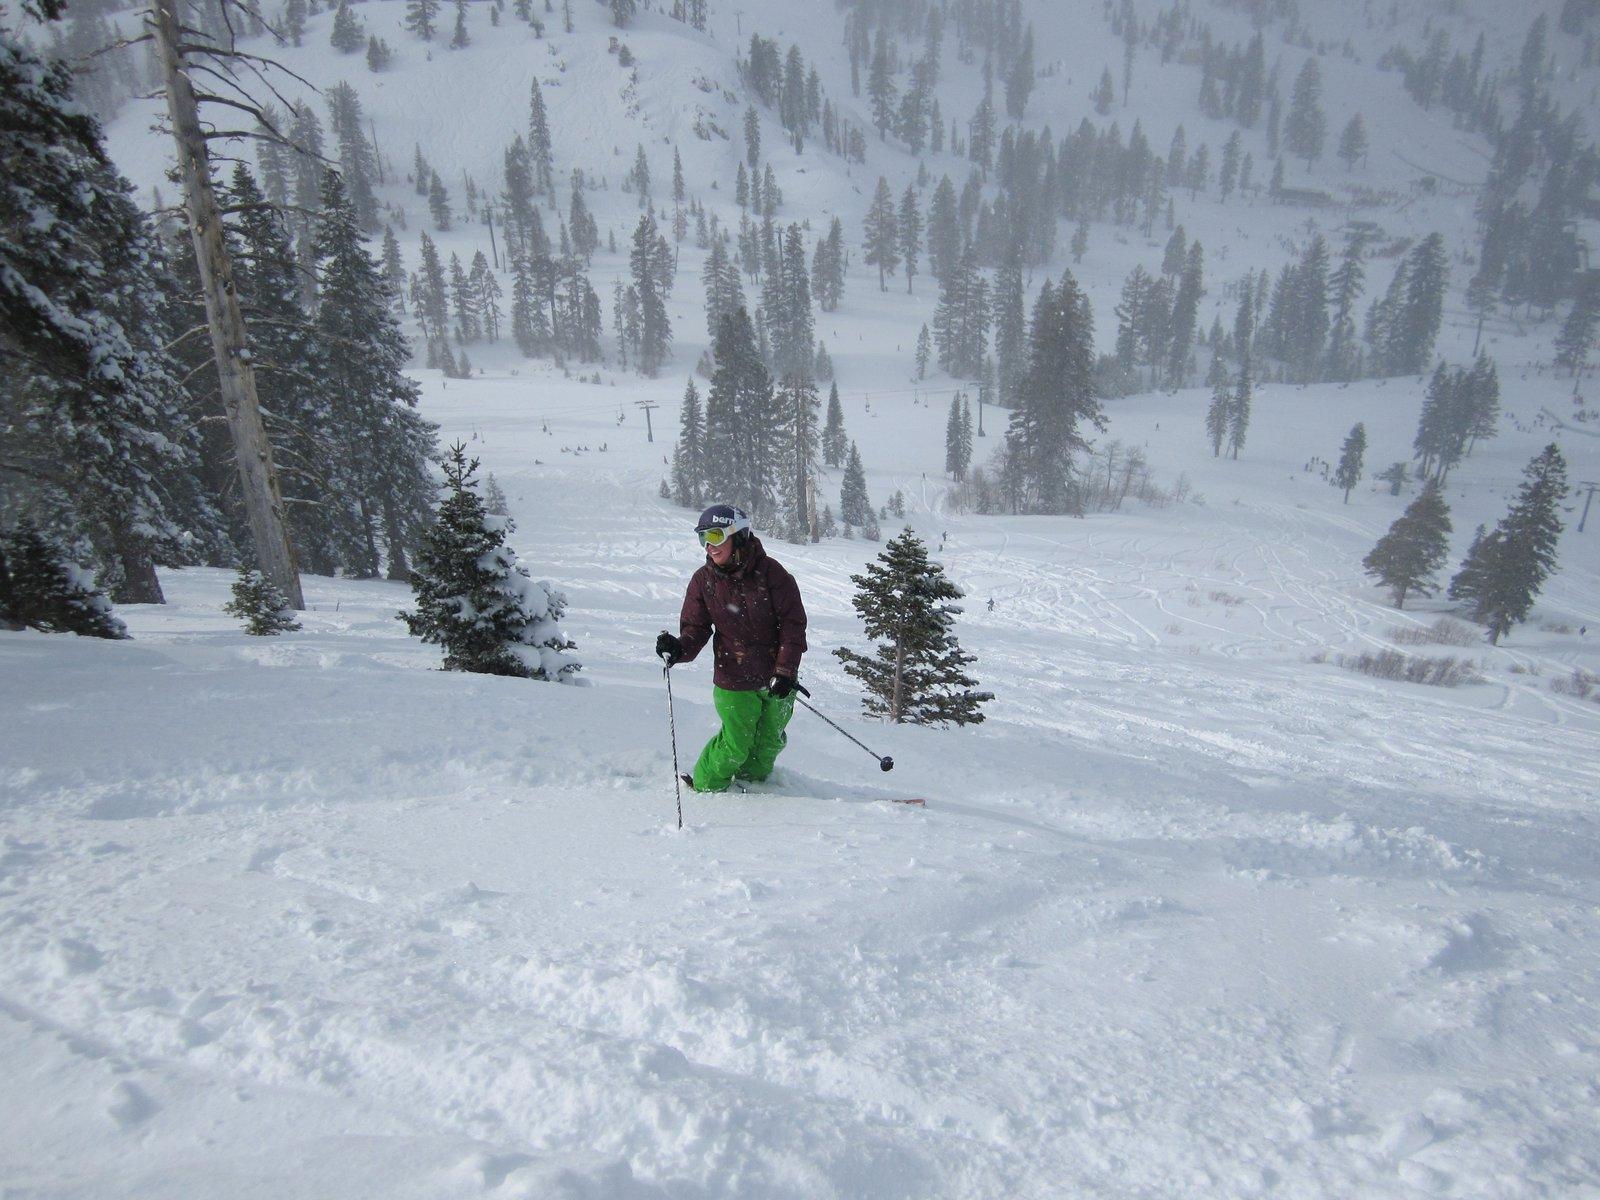 Alpine pow pow